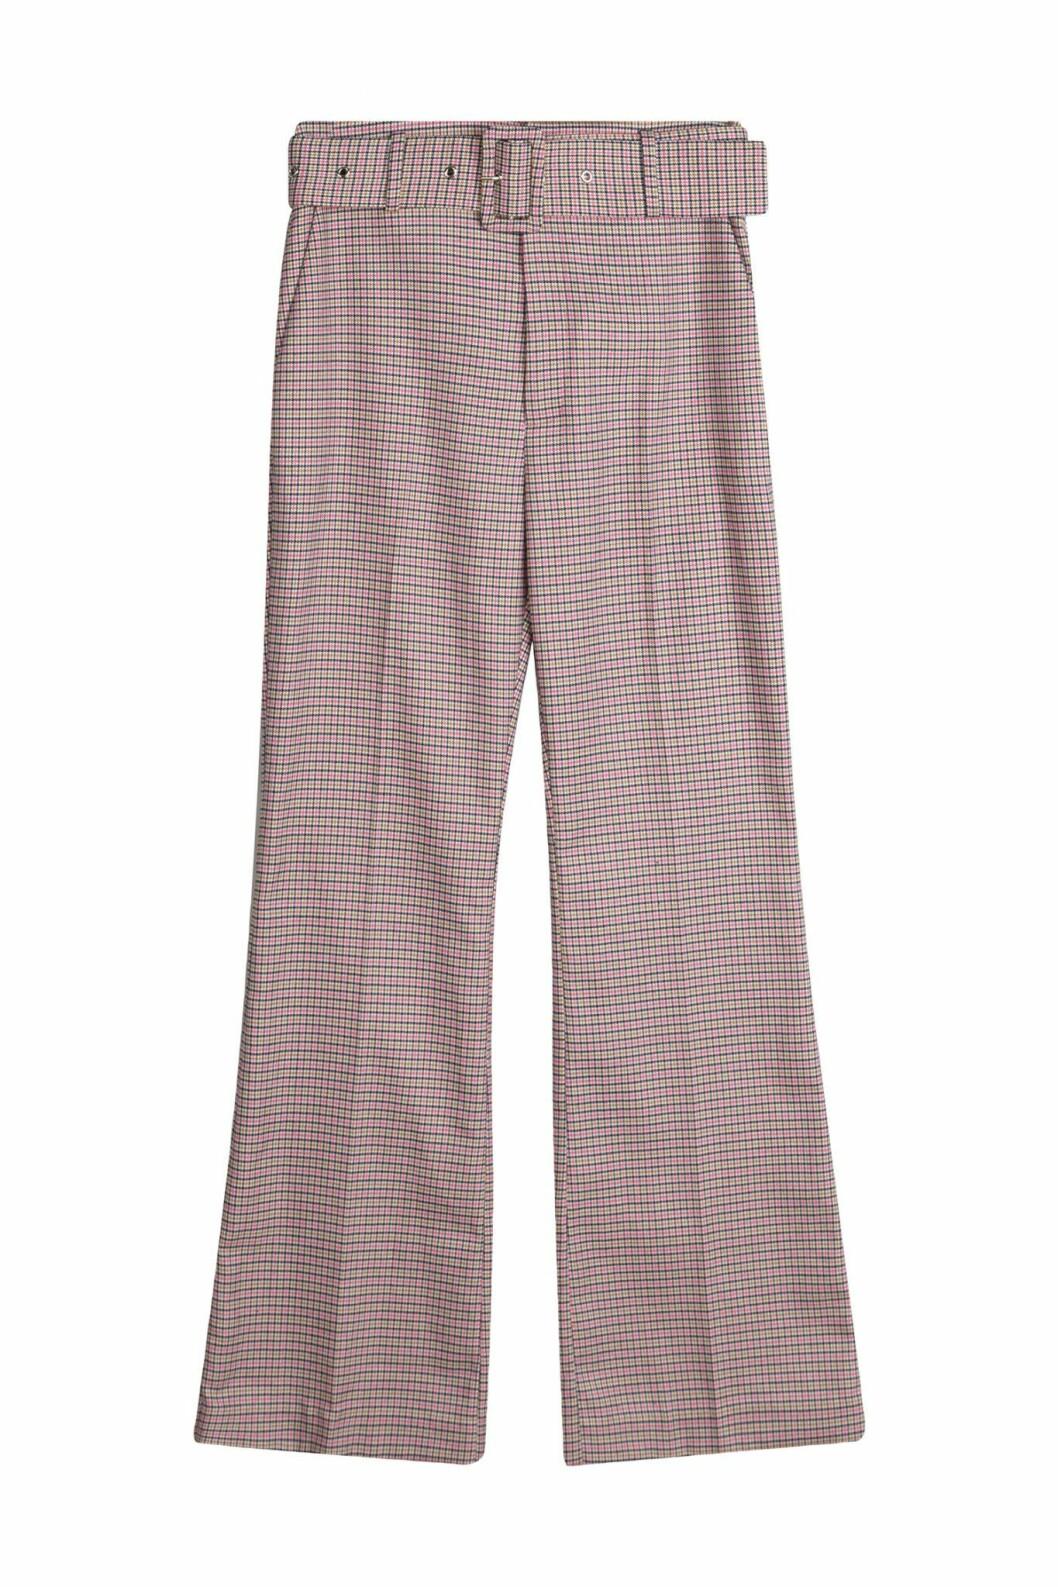 By Malina höstkollektion 2020: rutiga kostymbyxor med vida ben